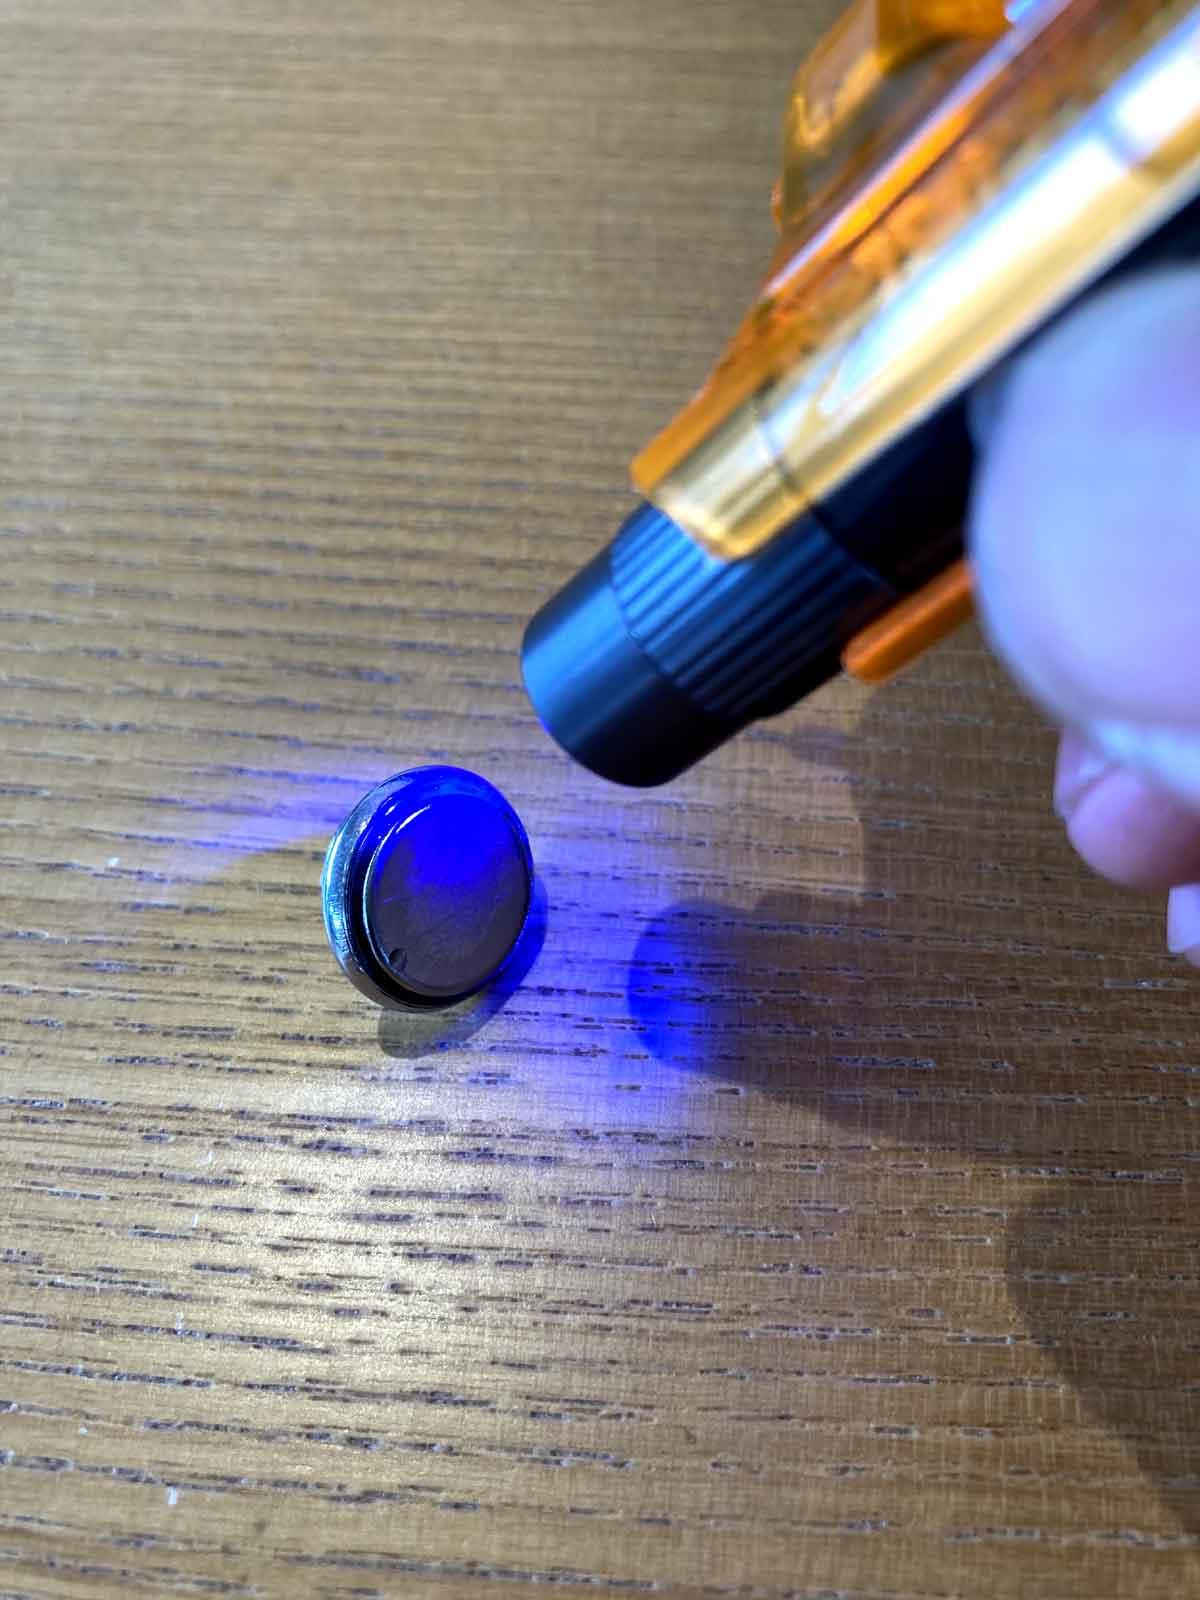 あとは、 100均超強力マグネット 防水加工DIY方法4選 の記事にあるUVレジン法を使って防水コーティングします。